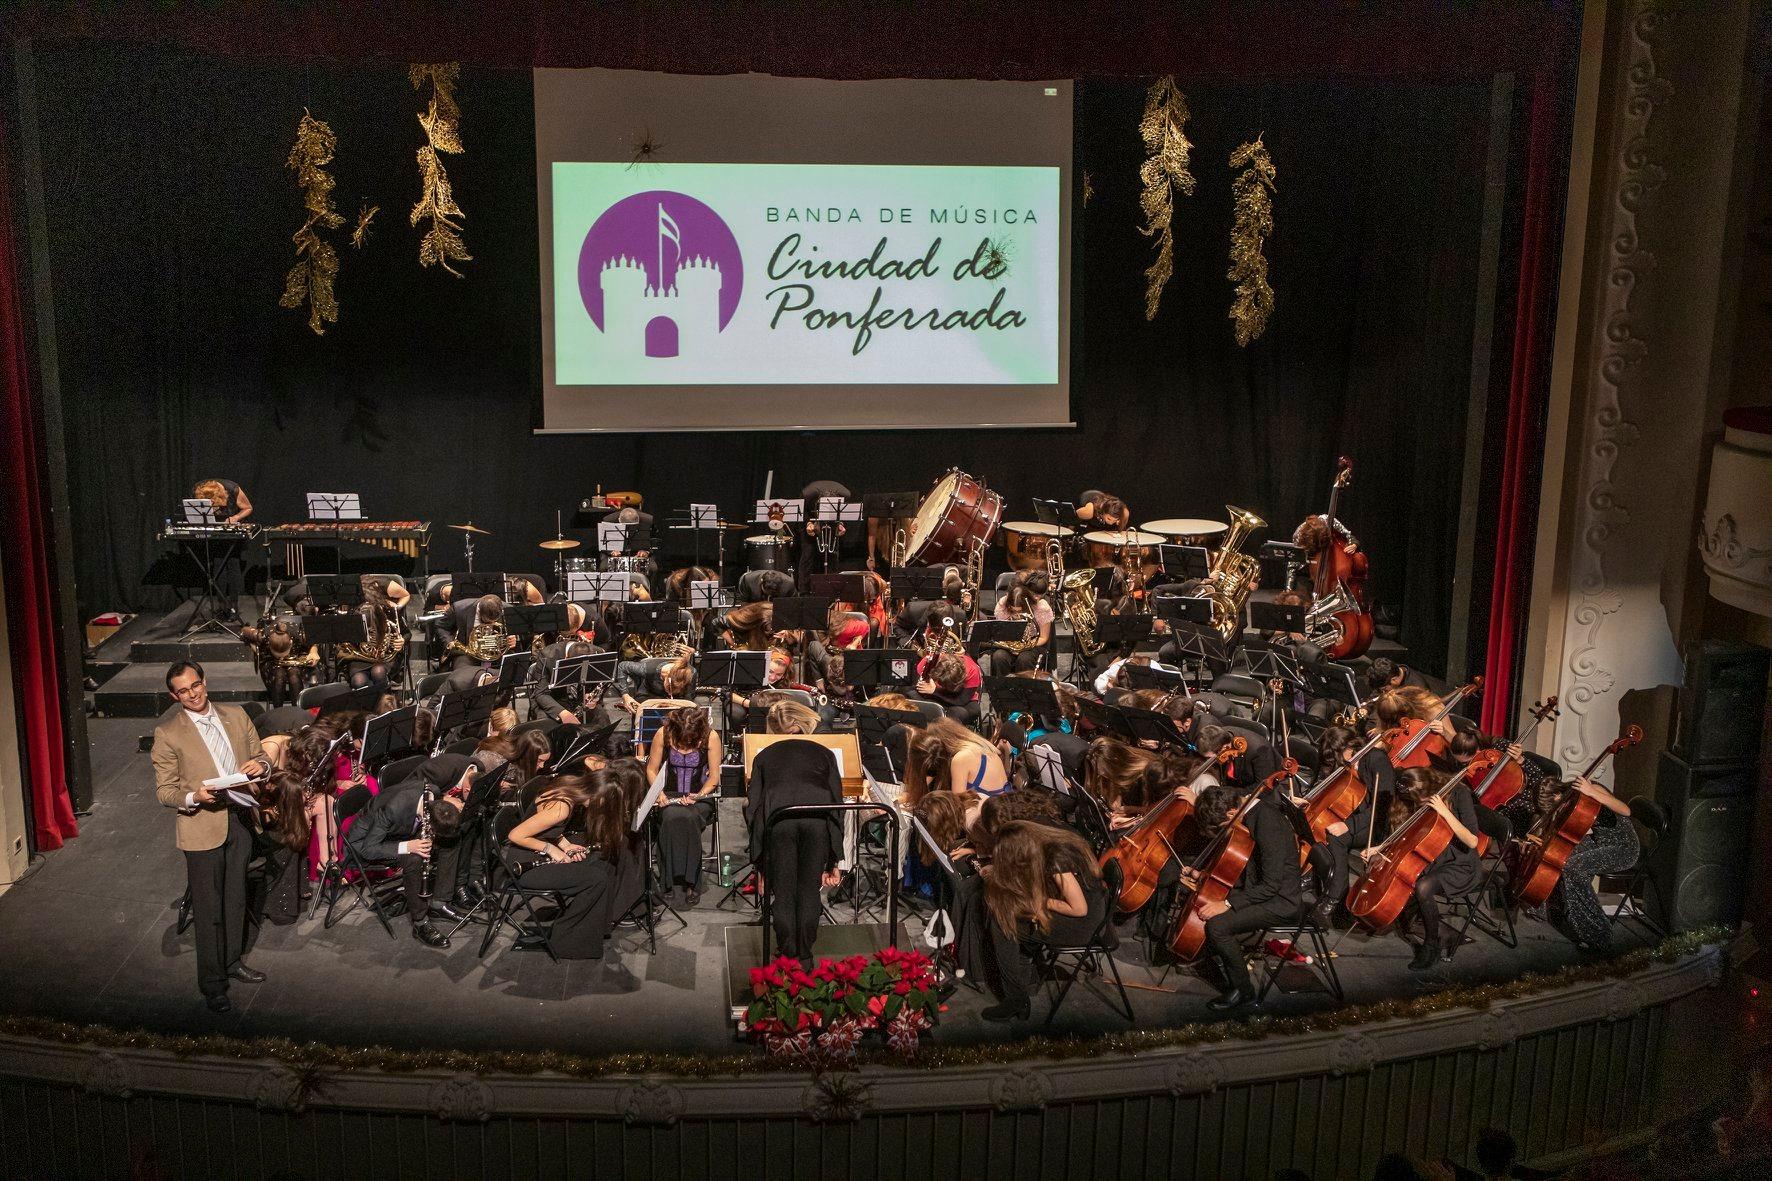 La Banda de Música Ciudad de Ponferrada cerrará el verano con 'Una banda de Película' en el Auditorio Municipal 1